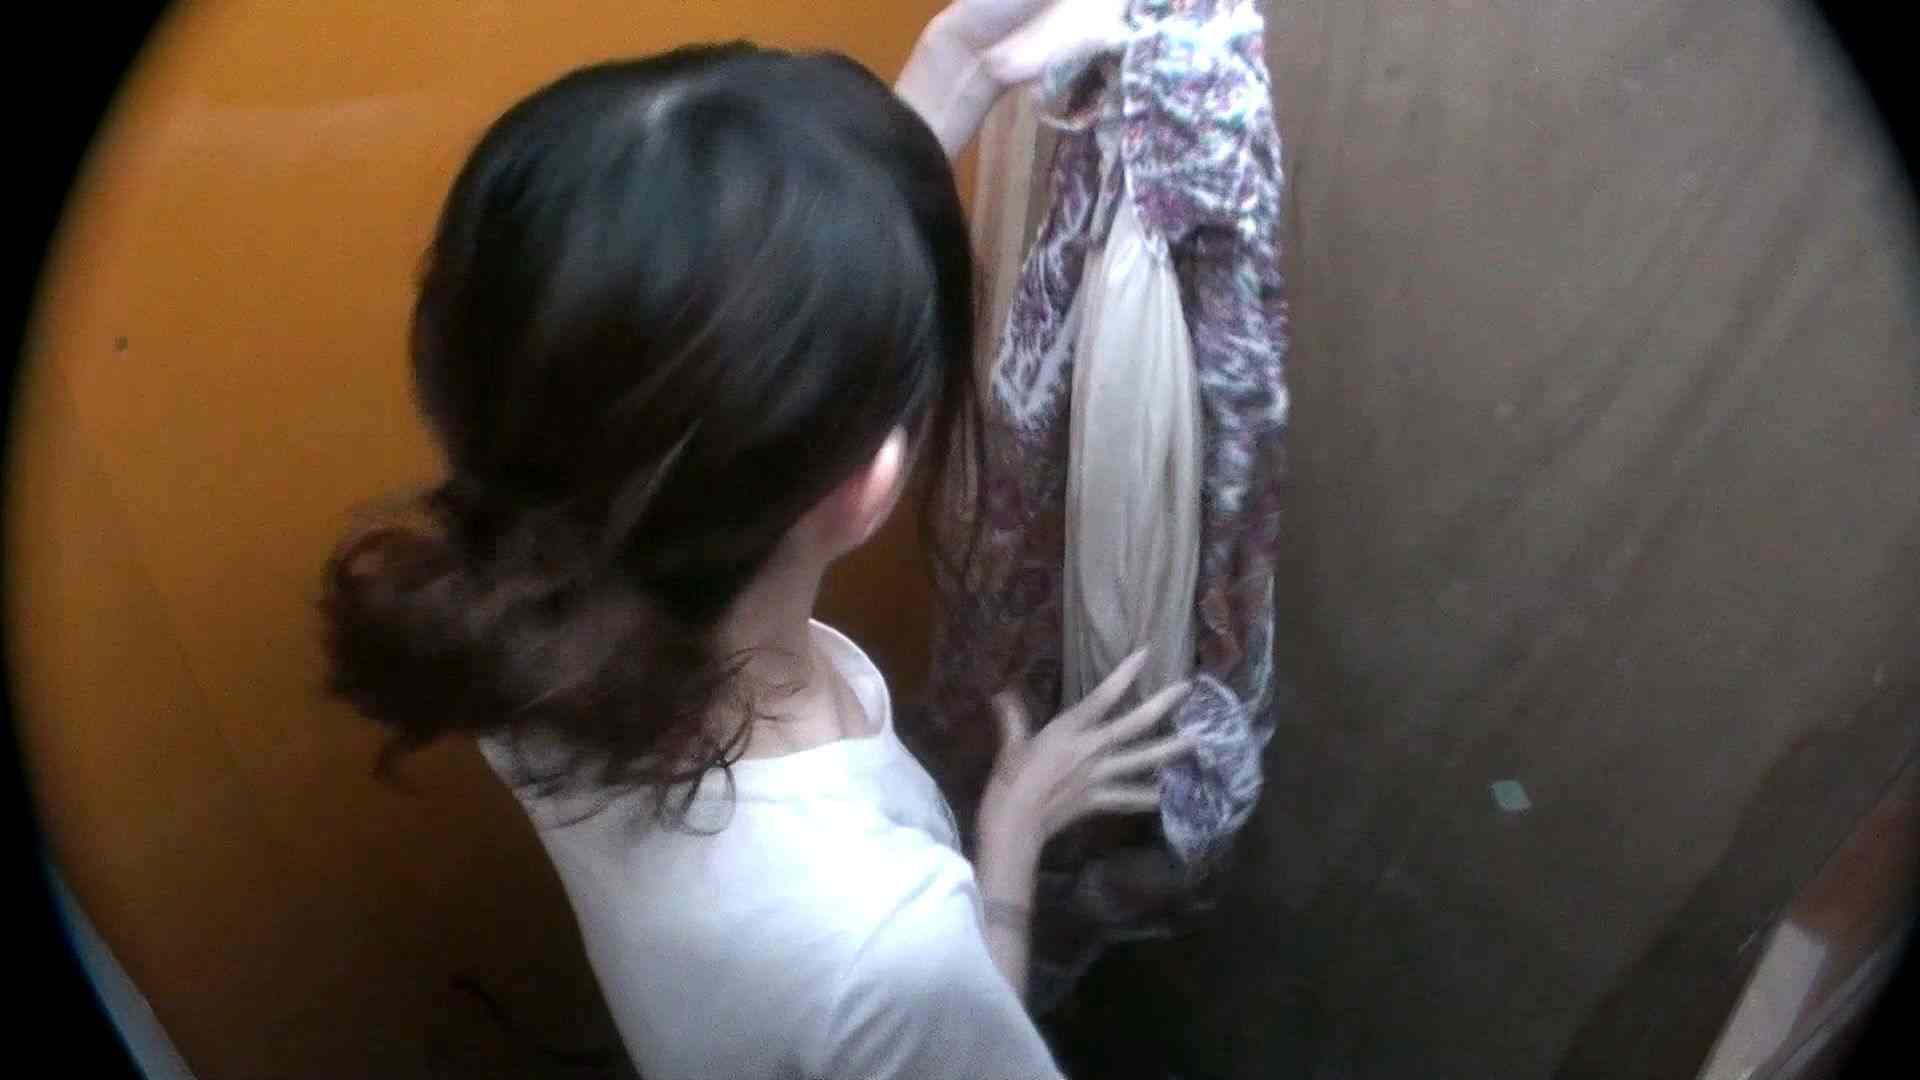 シャワールームは超!!危険な香りVol.29 こっちを向いて欲しい貧乳姉さん OLセックス | 貧乳  69画像 5